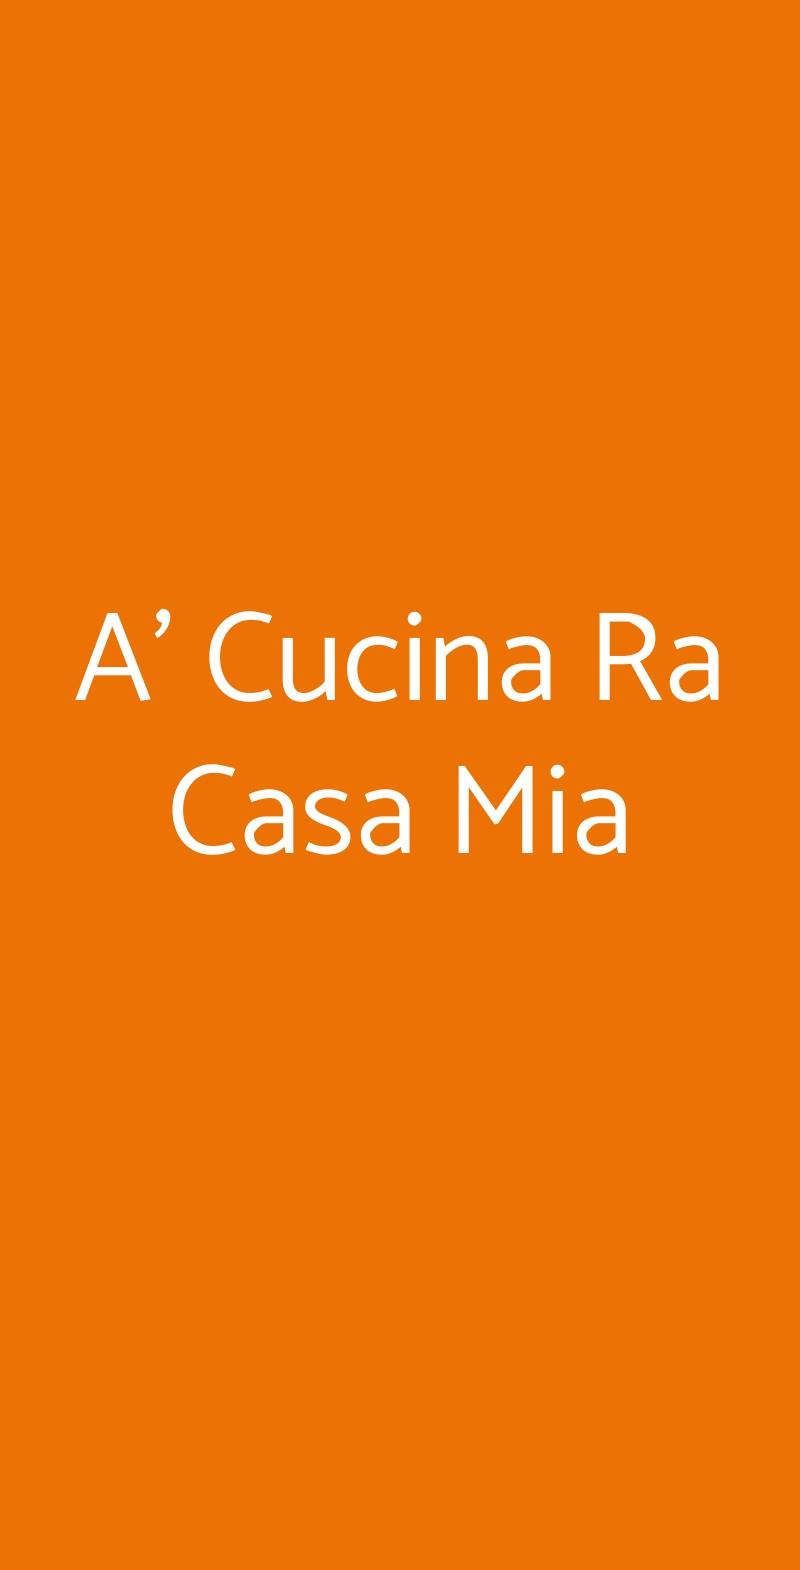 A' Cucina Ra Casa Mia Napoli menù 1 pagina